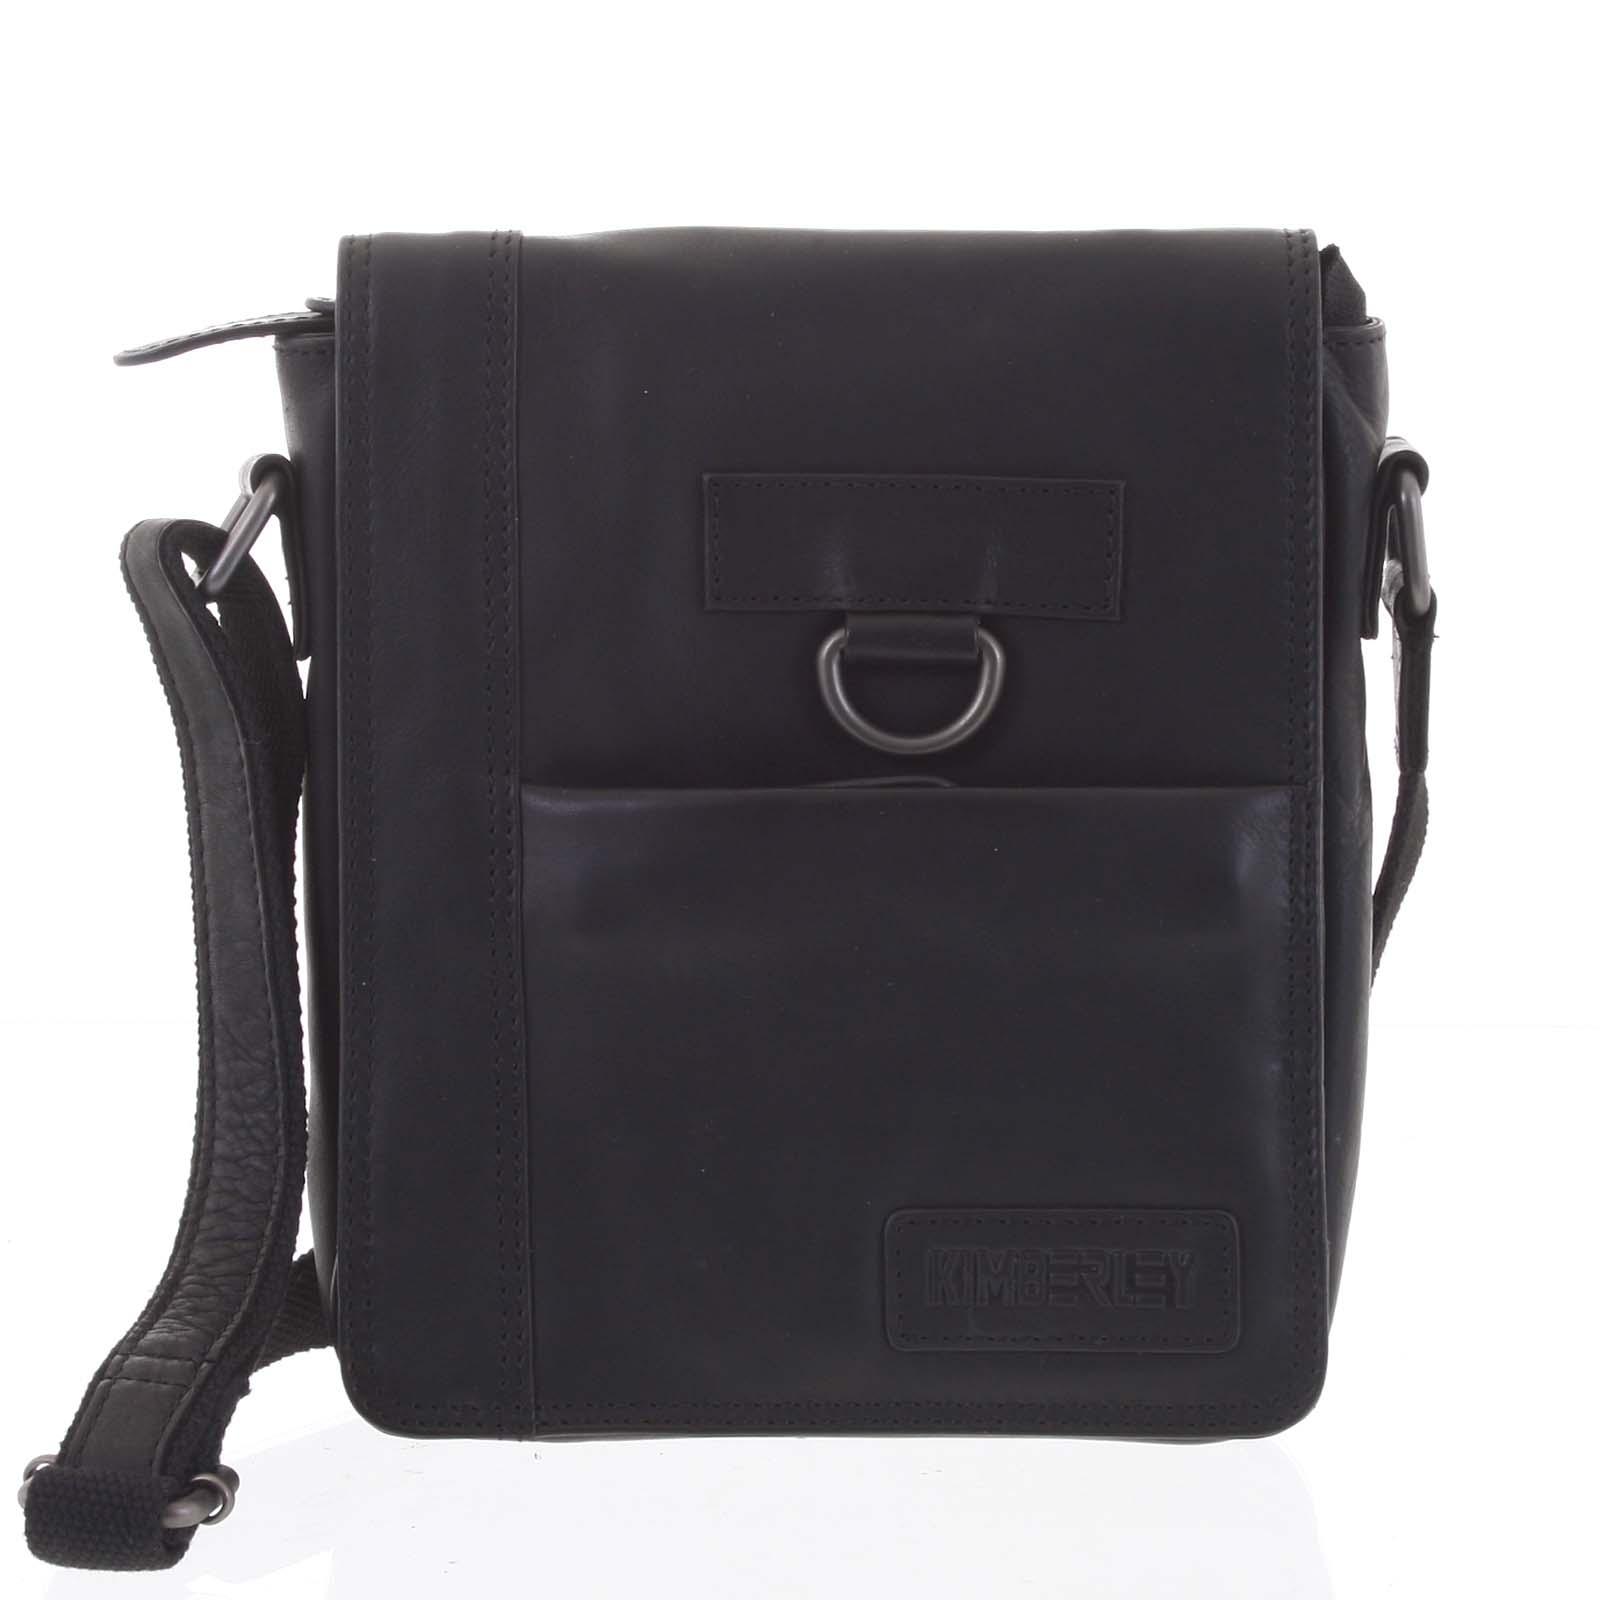 Luxusní pánská kožená taška černá - Kimberley Nozeus